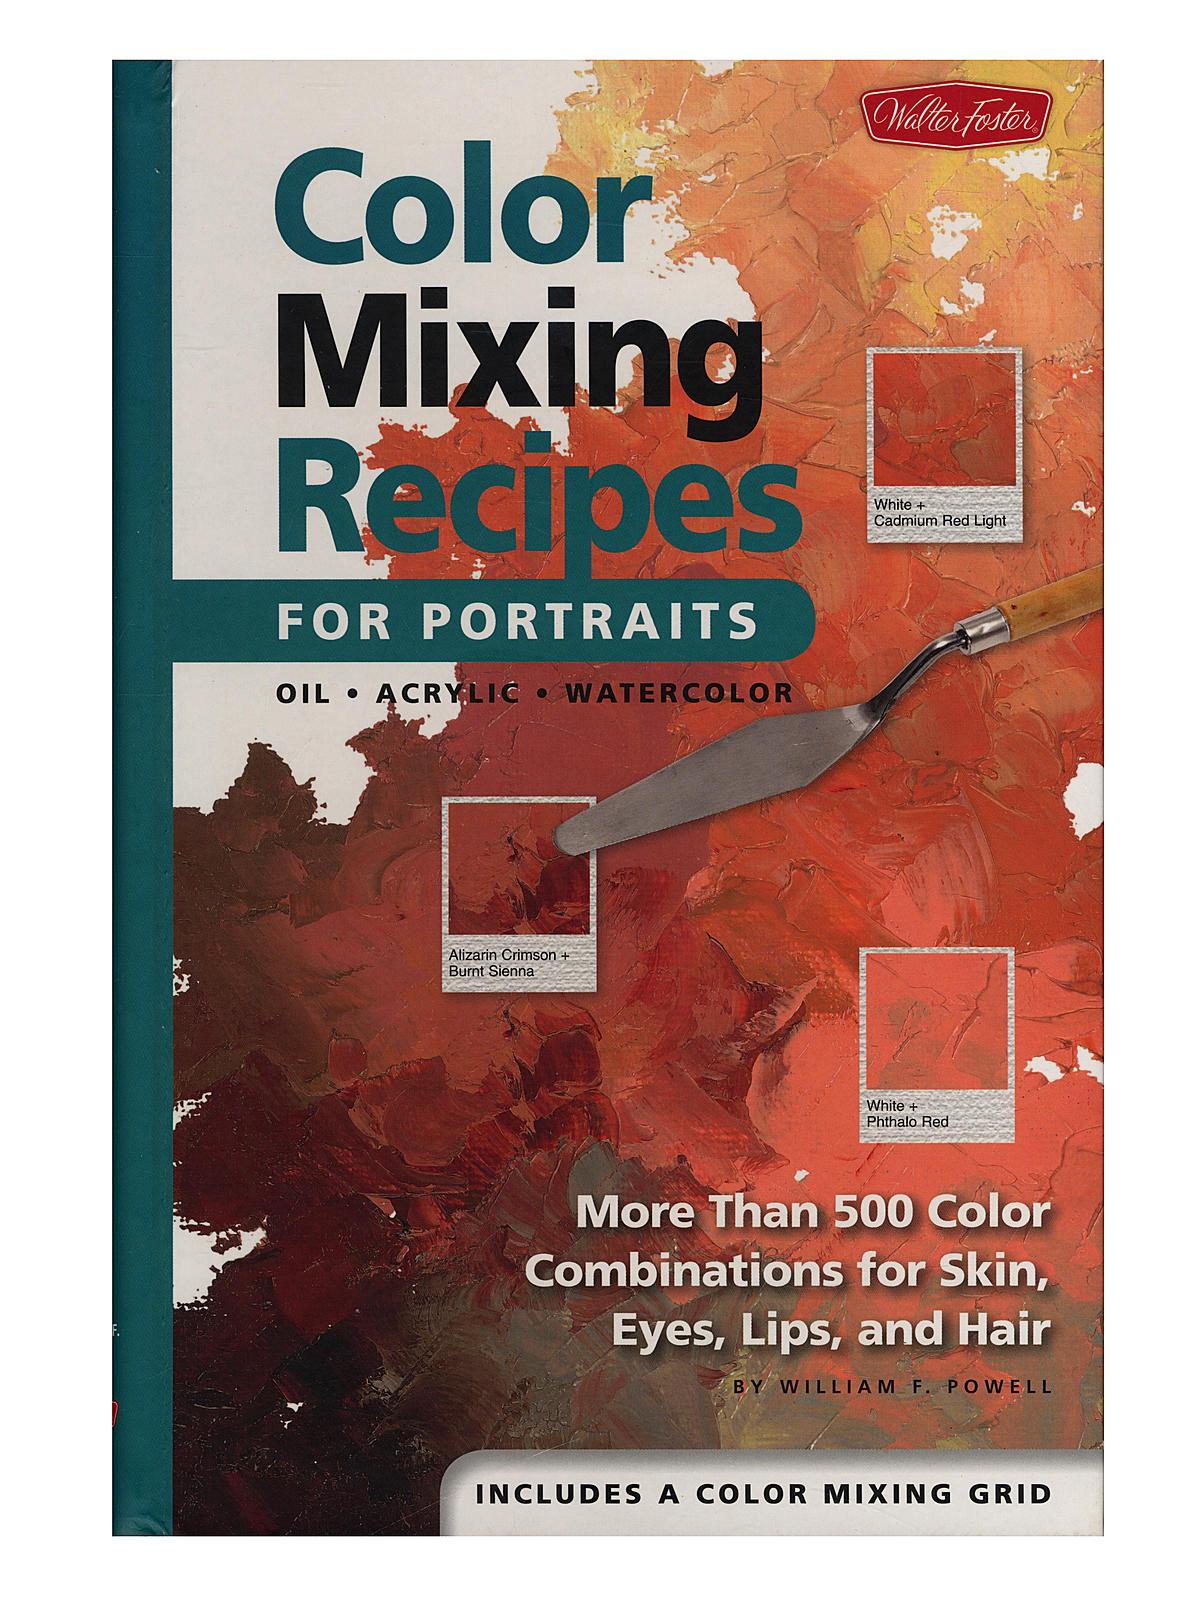 Color Mixing Recipes for Portraits Book | MisterArt.com